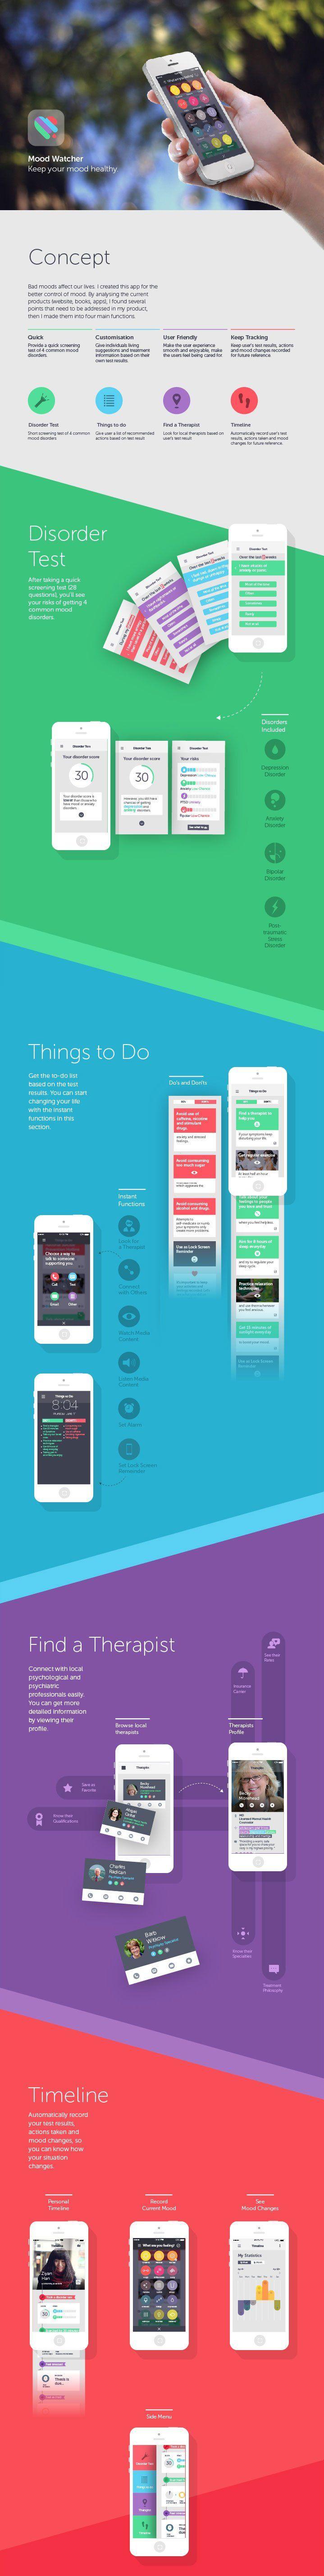 Daily Mobile UI Design Inspiration #293